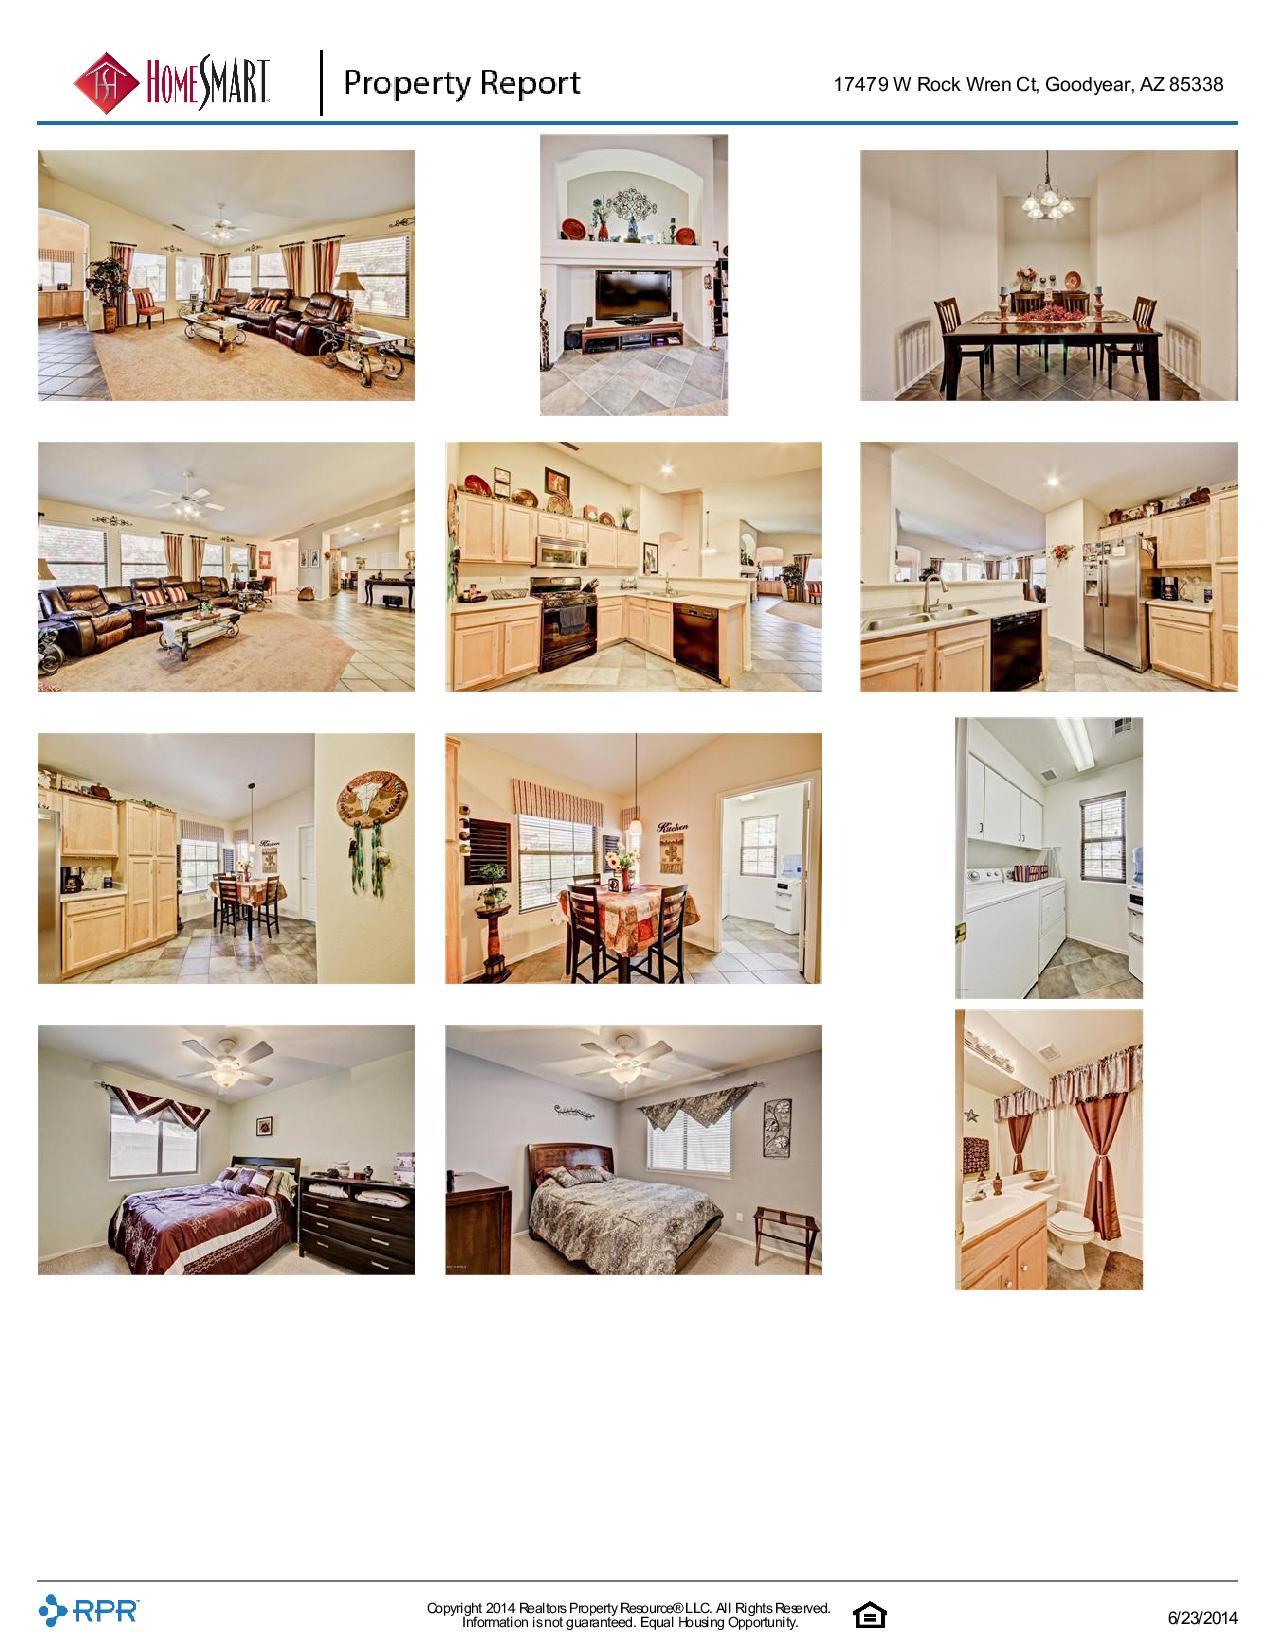 17479-W-Rock-Wren-Ct-Goodyear-AZ-85338-page-006